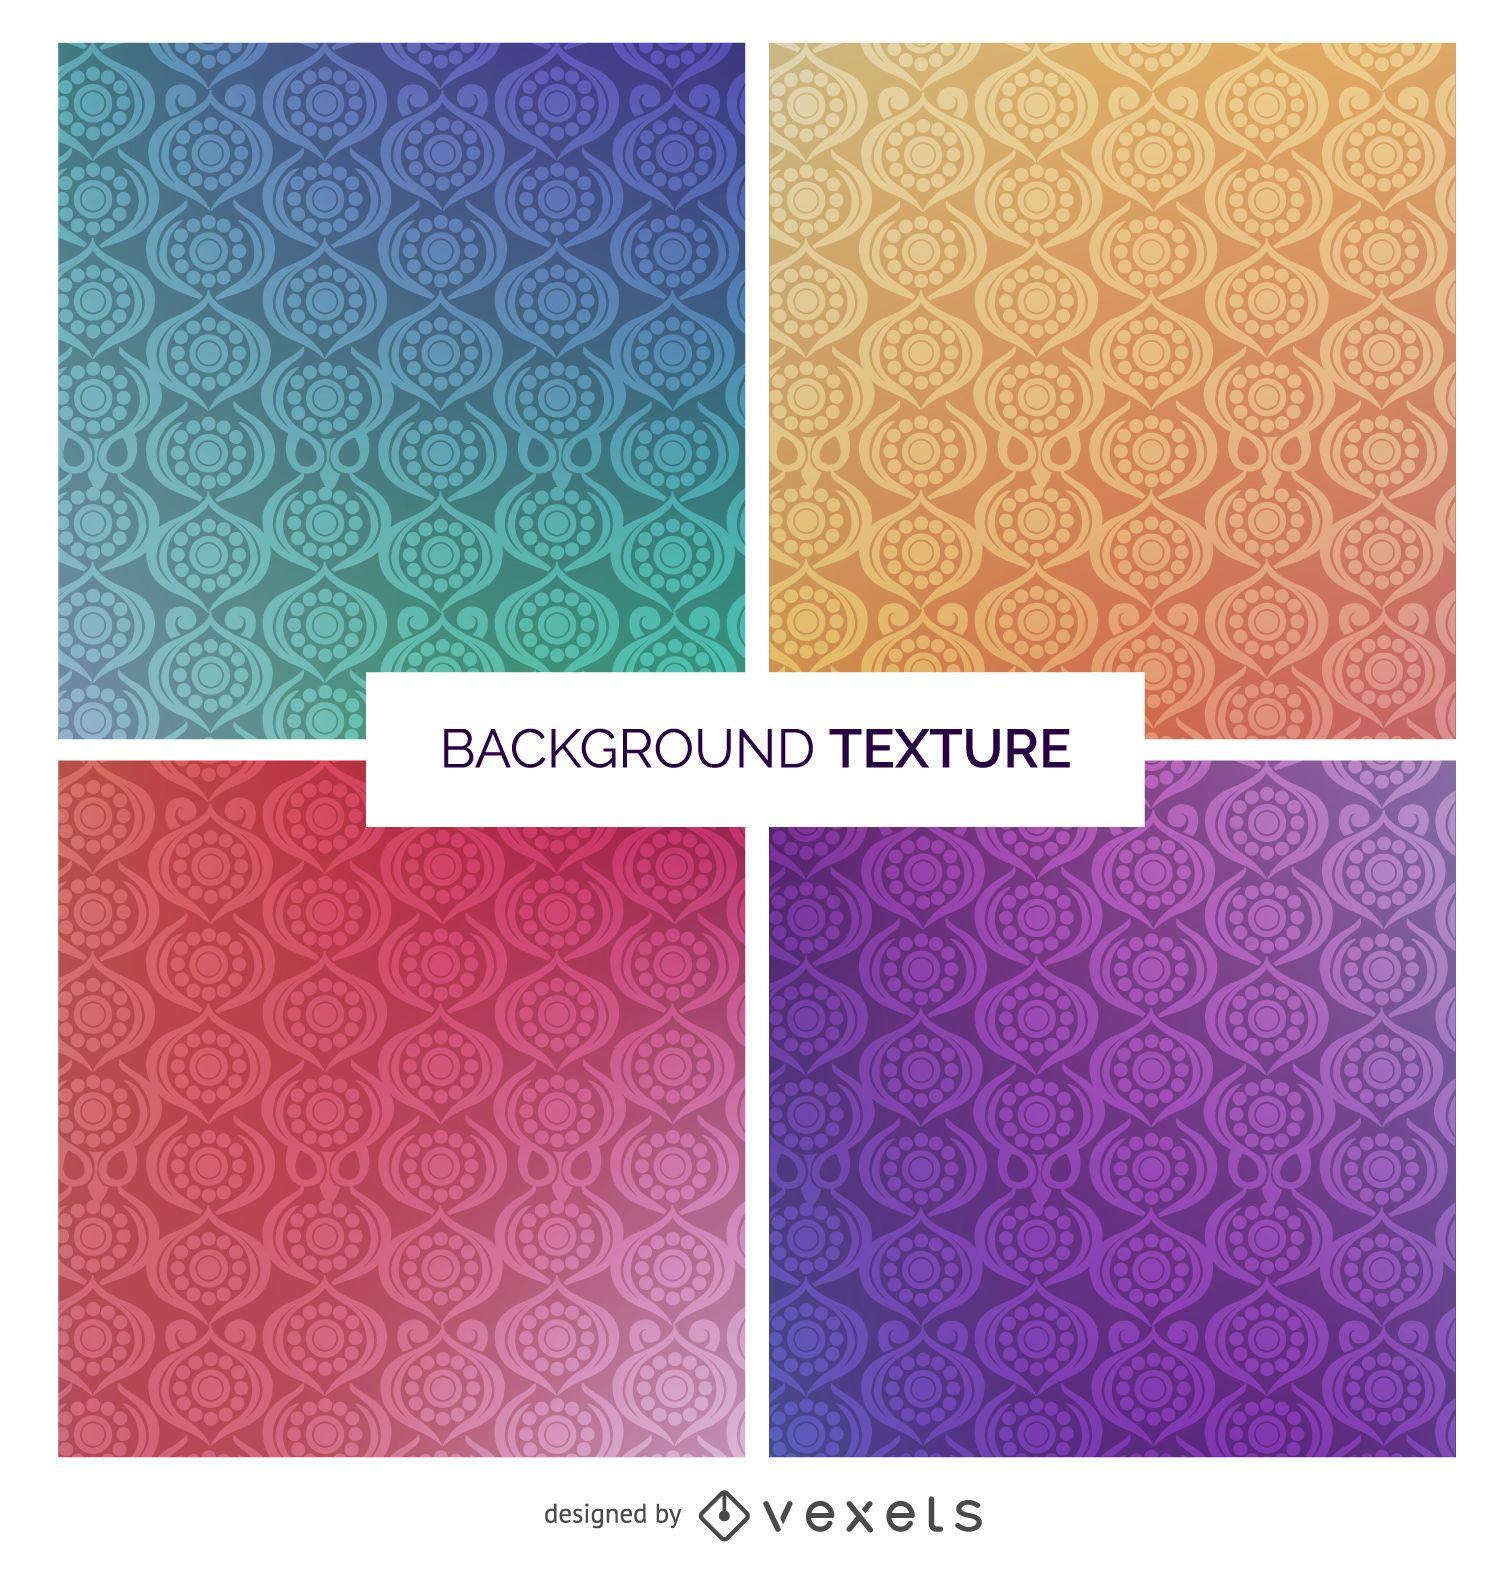 Gradiente de textura conjunto ornamental - Descargar vector